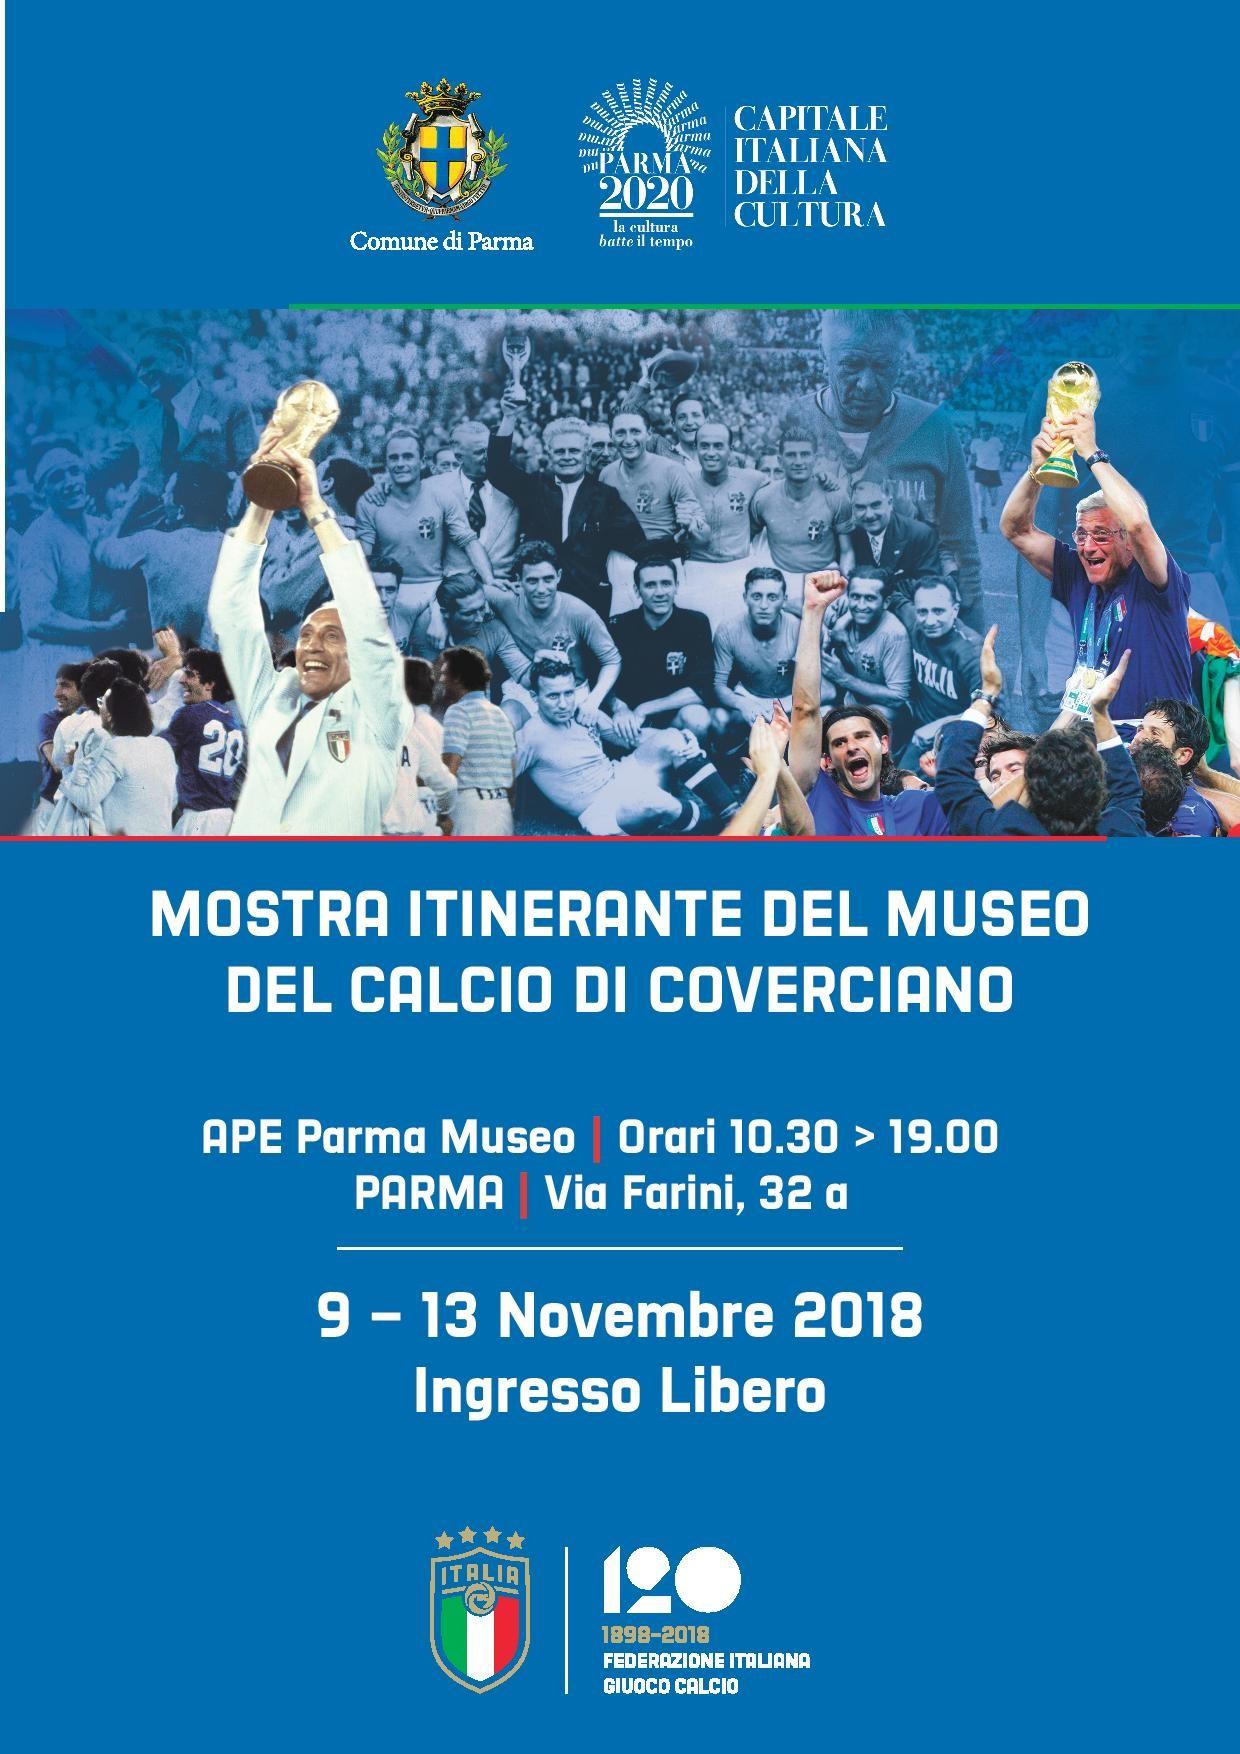 Mostra Itinerante del Museo del Calcio di Coverciano.